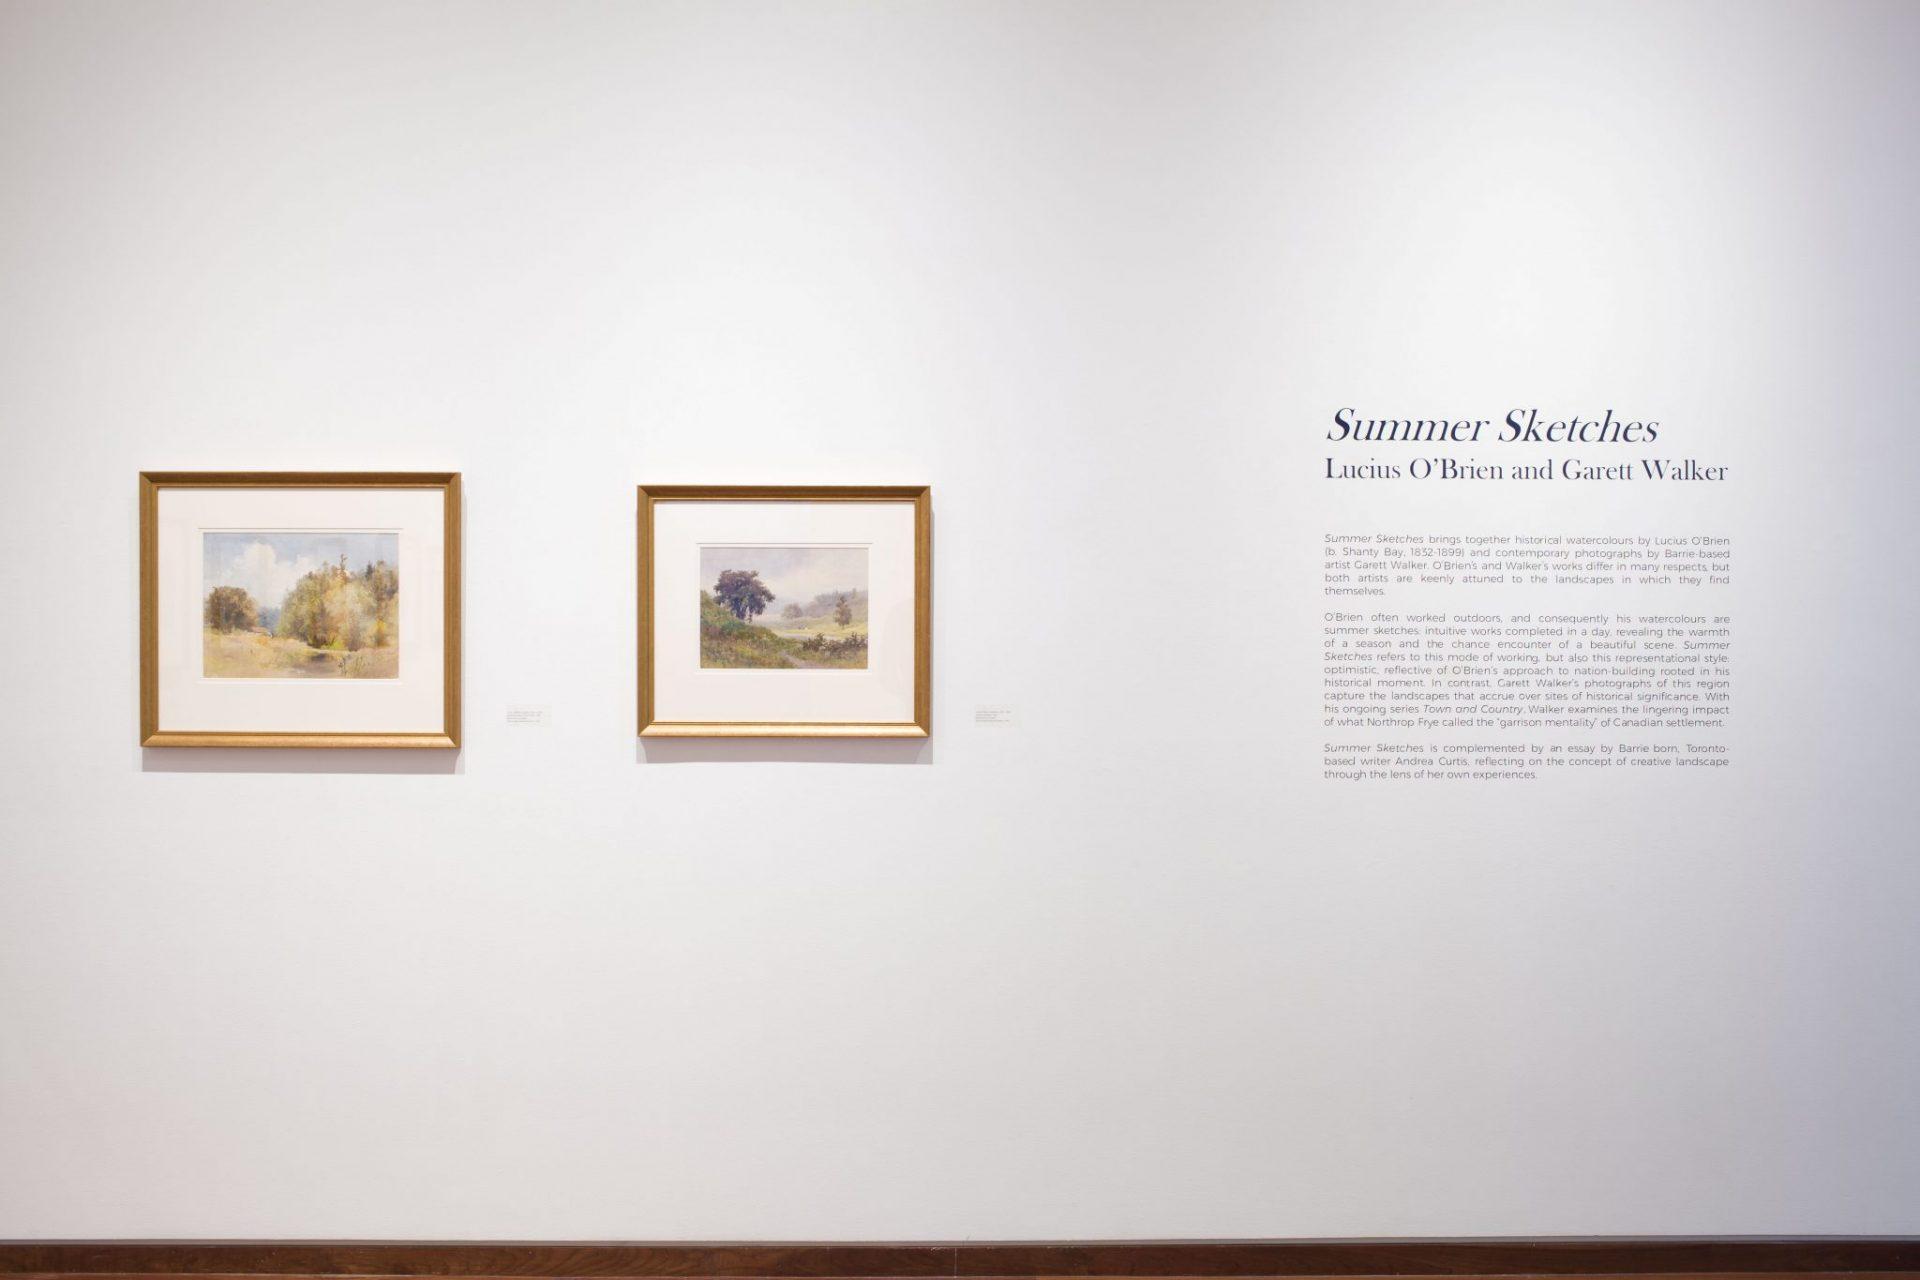 Summer Sketches: Lucius O\'Brien and Garett Walker - MacLaren Art Centre